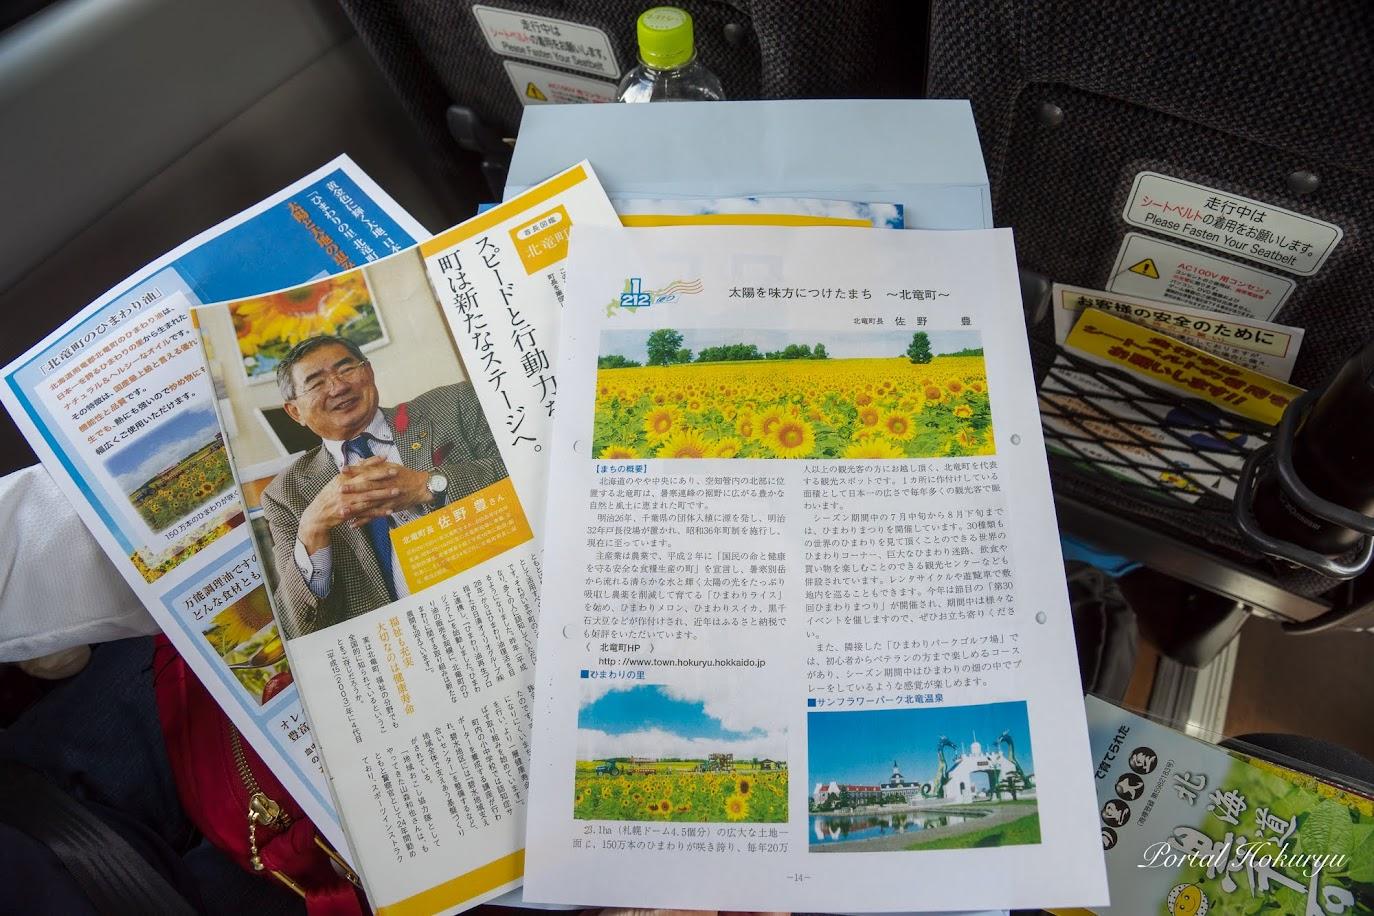 バス車内で配布された北竜町の資料